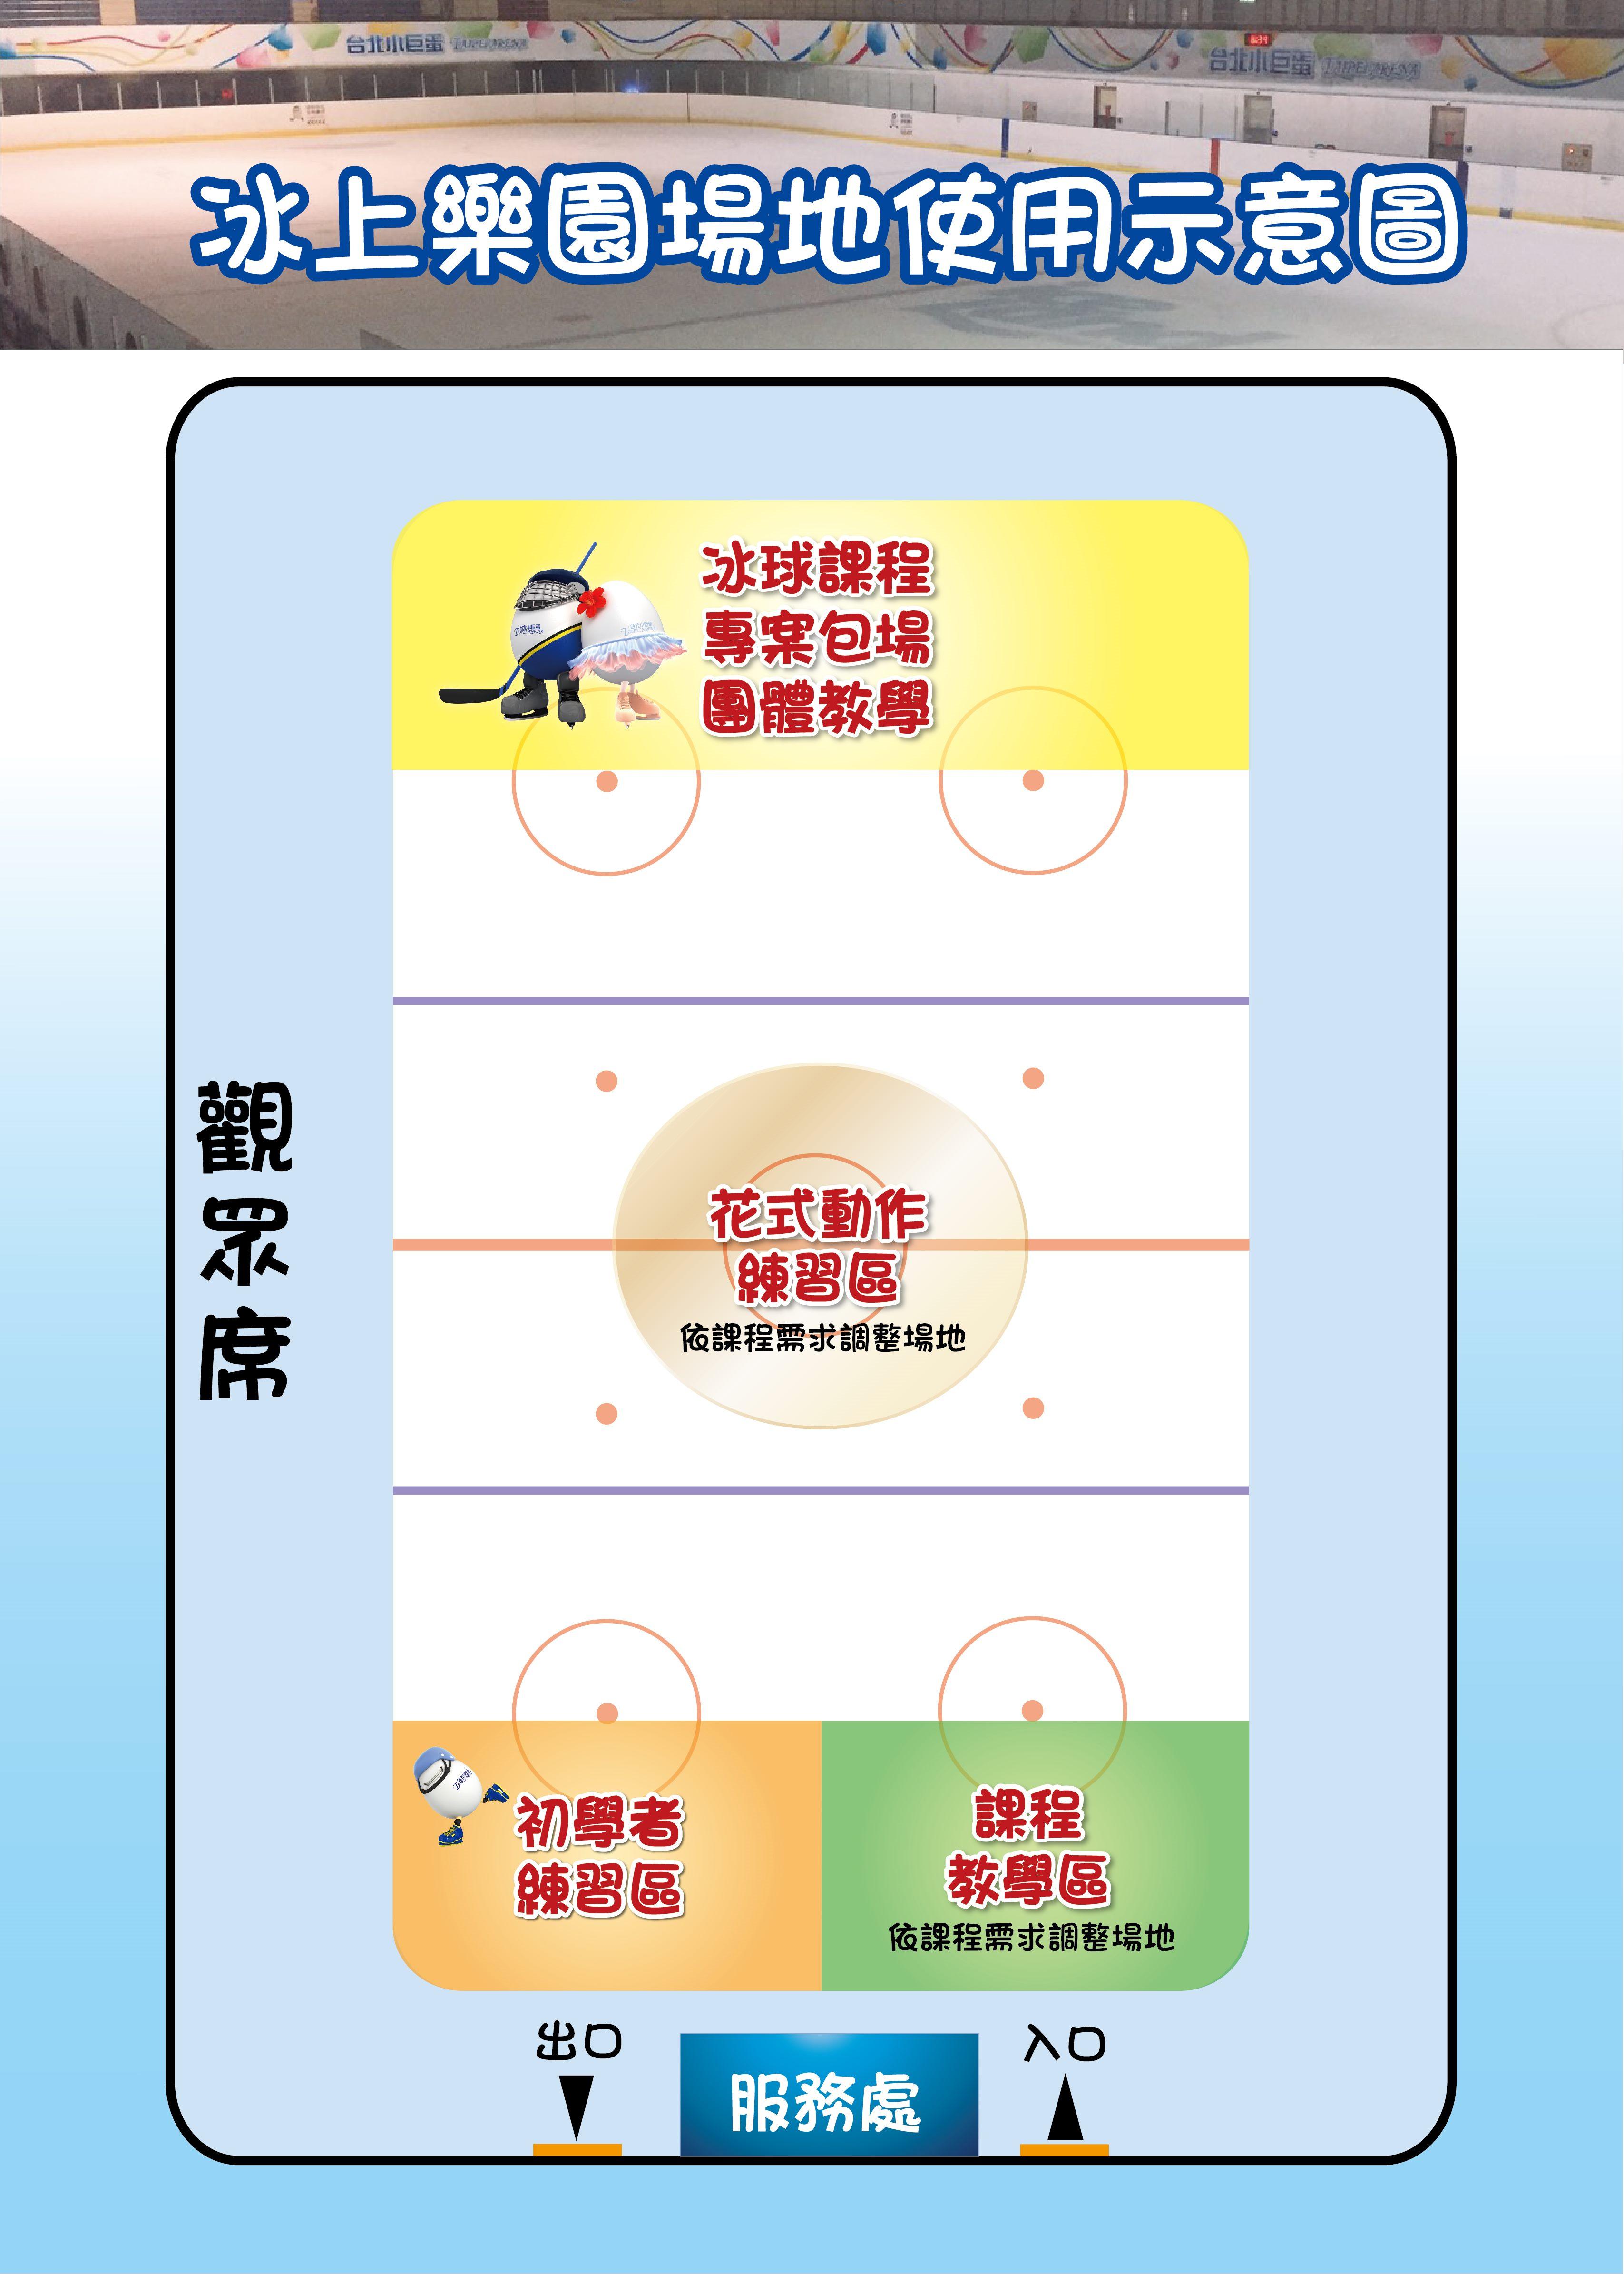 臺北小巨蛋冰上樂園場地使用是意圖